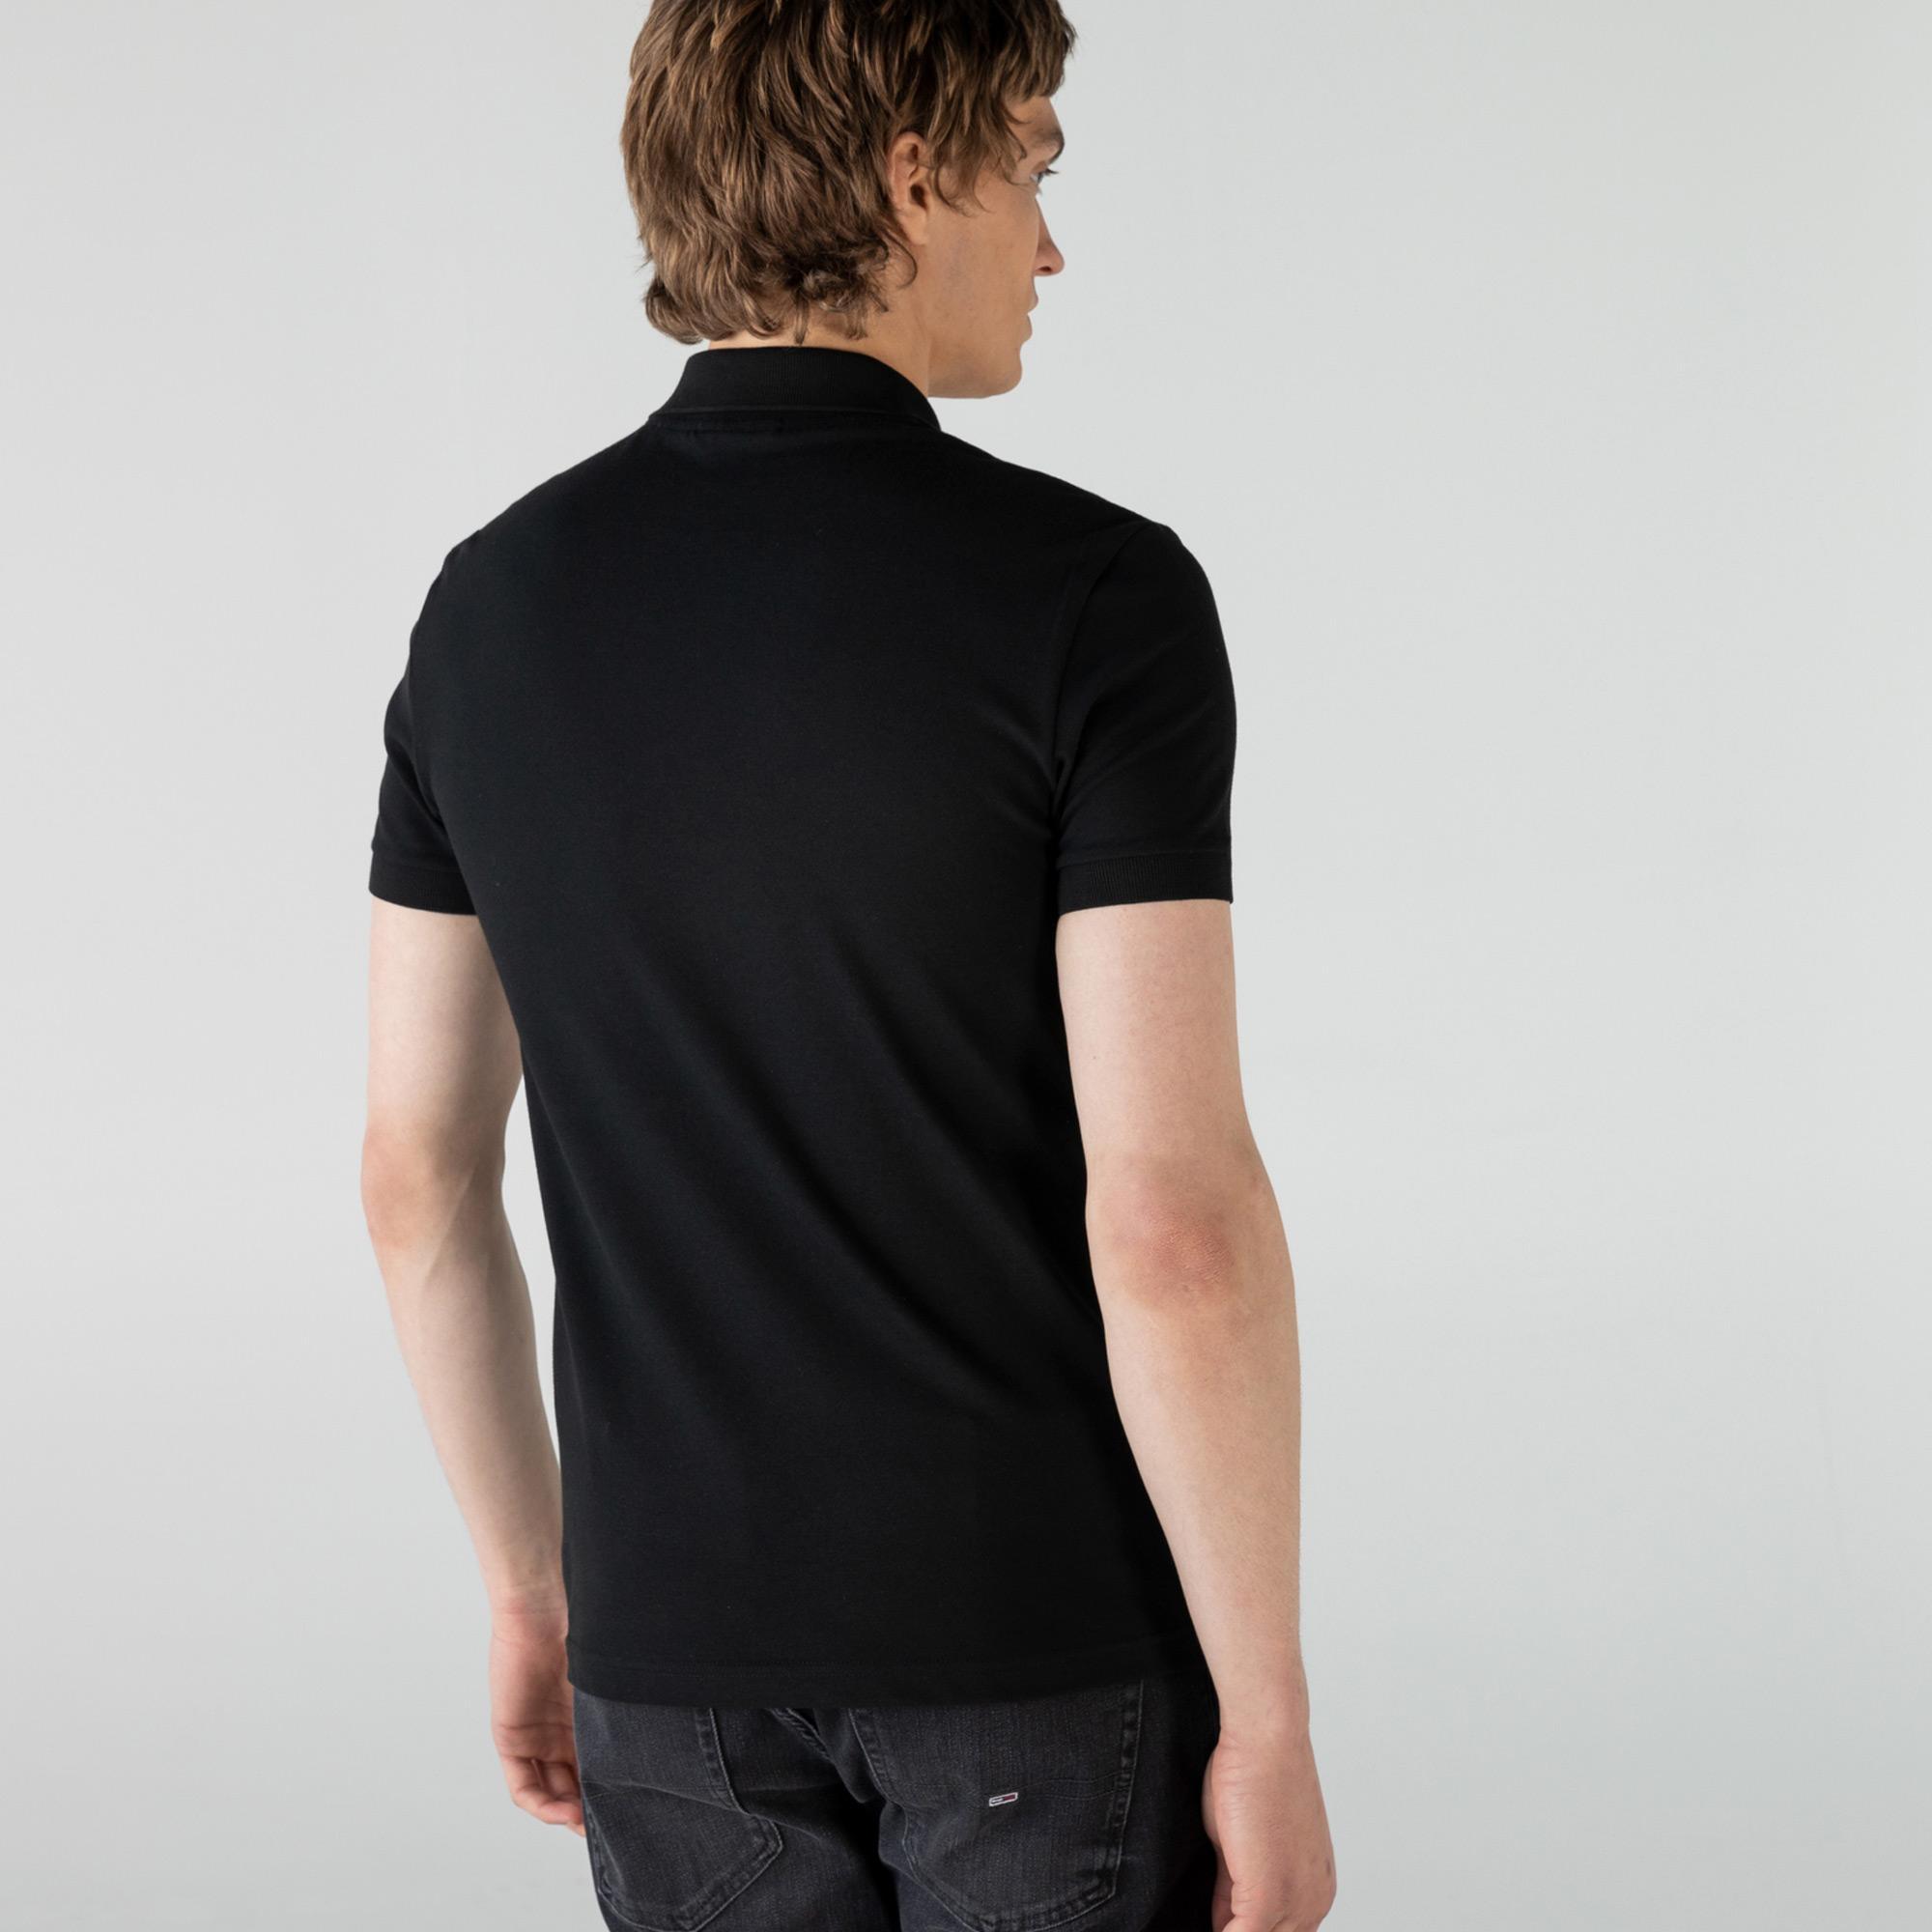 Lacoste Erkek Slim Fit Fermuar Yaka Renk Bloklu Siyah Polo